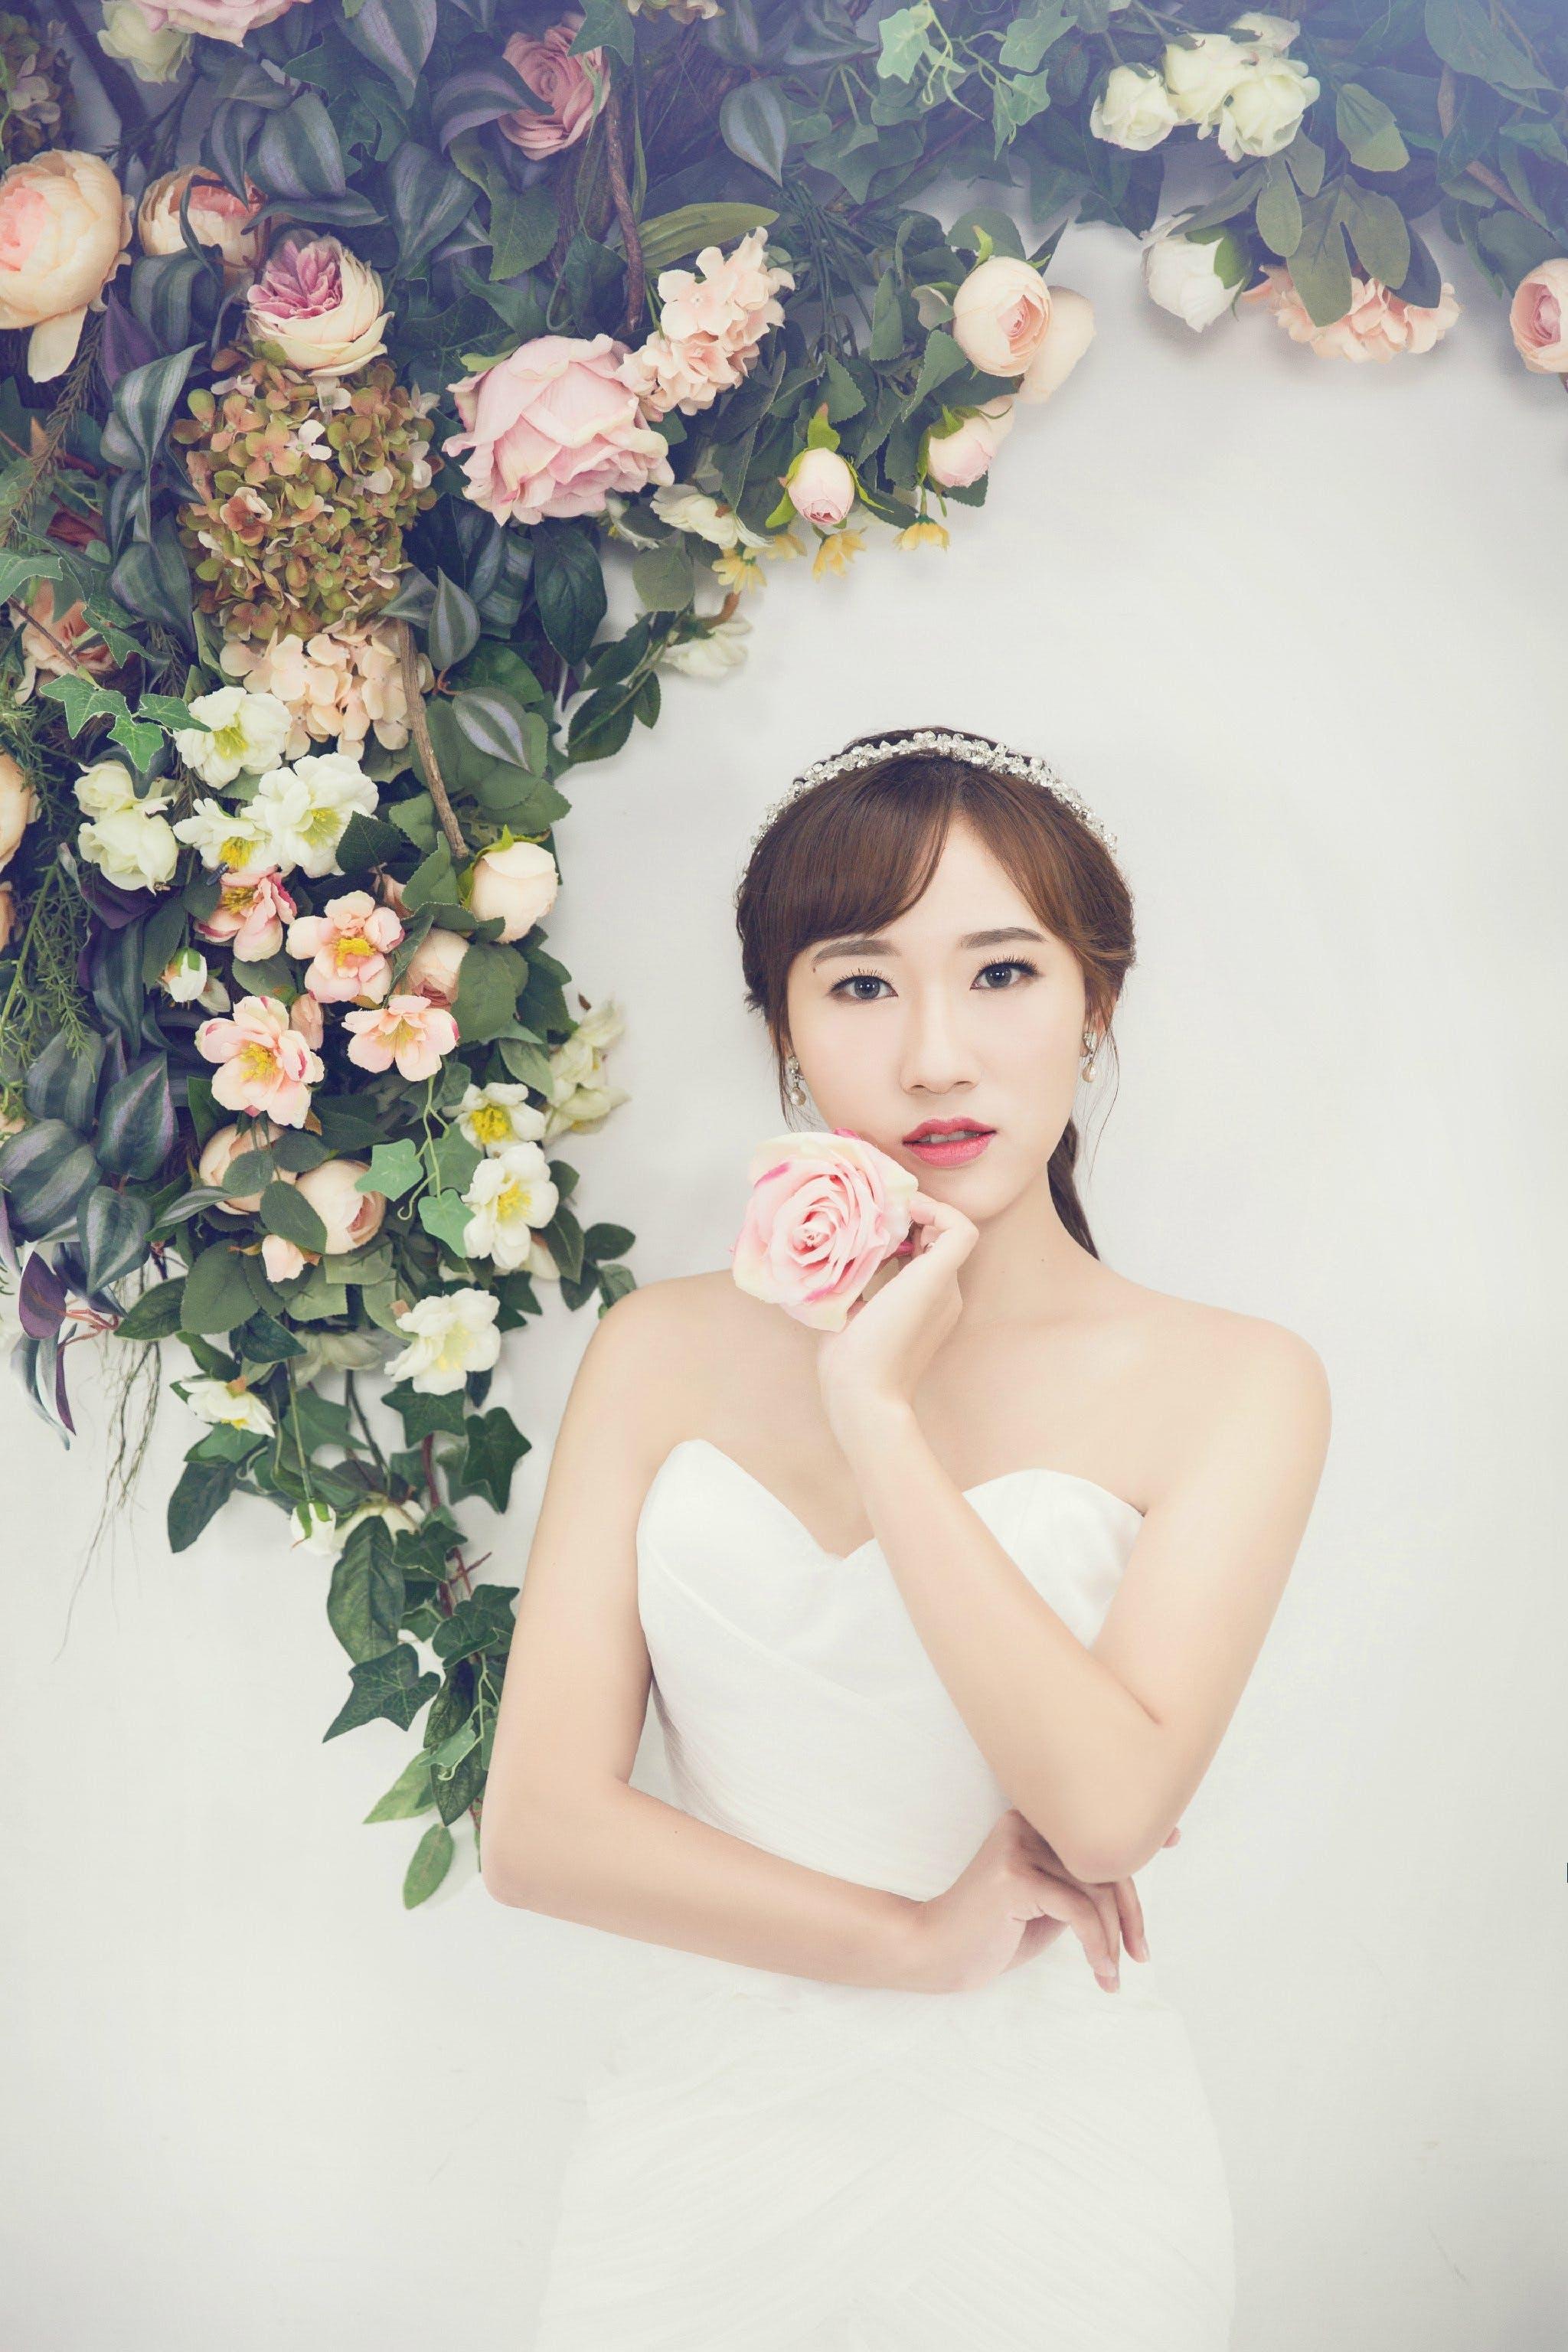 Kostenloses Stock Foto zu attraktiv, blumen, dame, flora